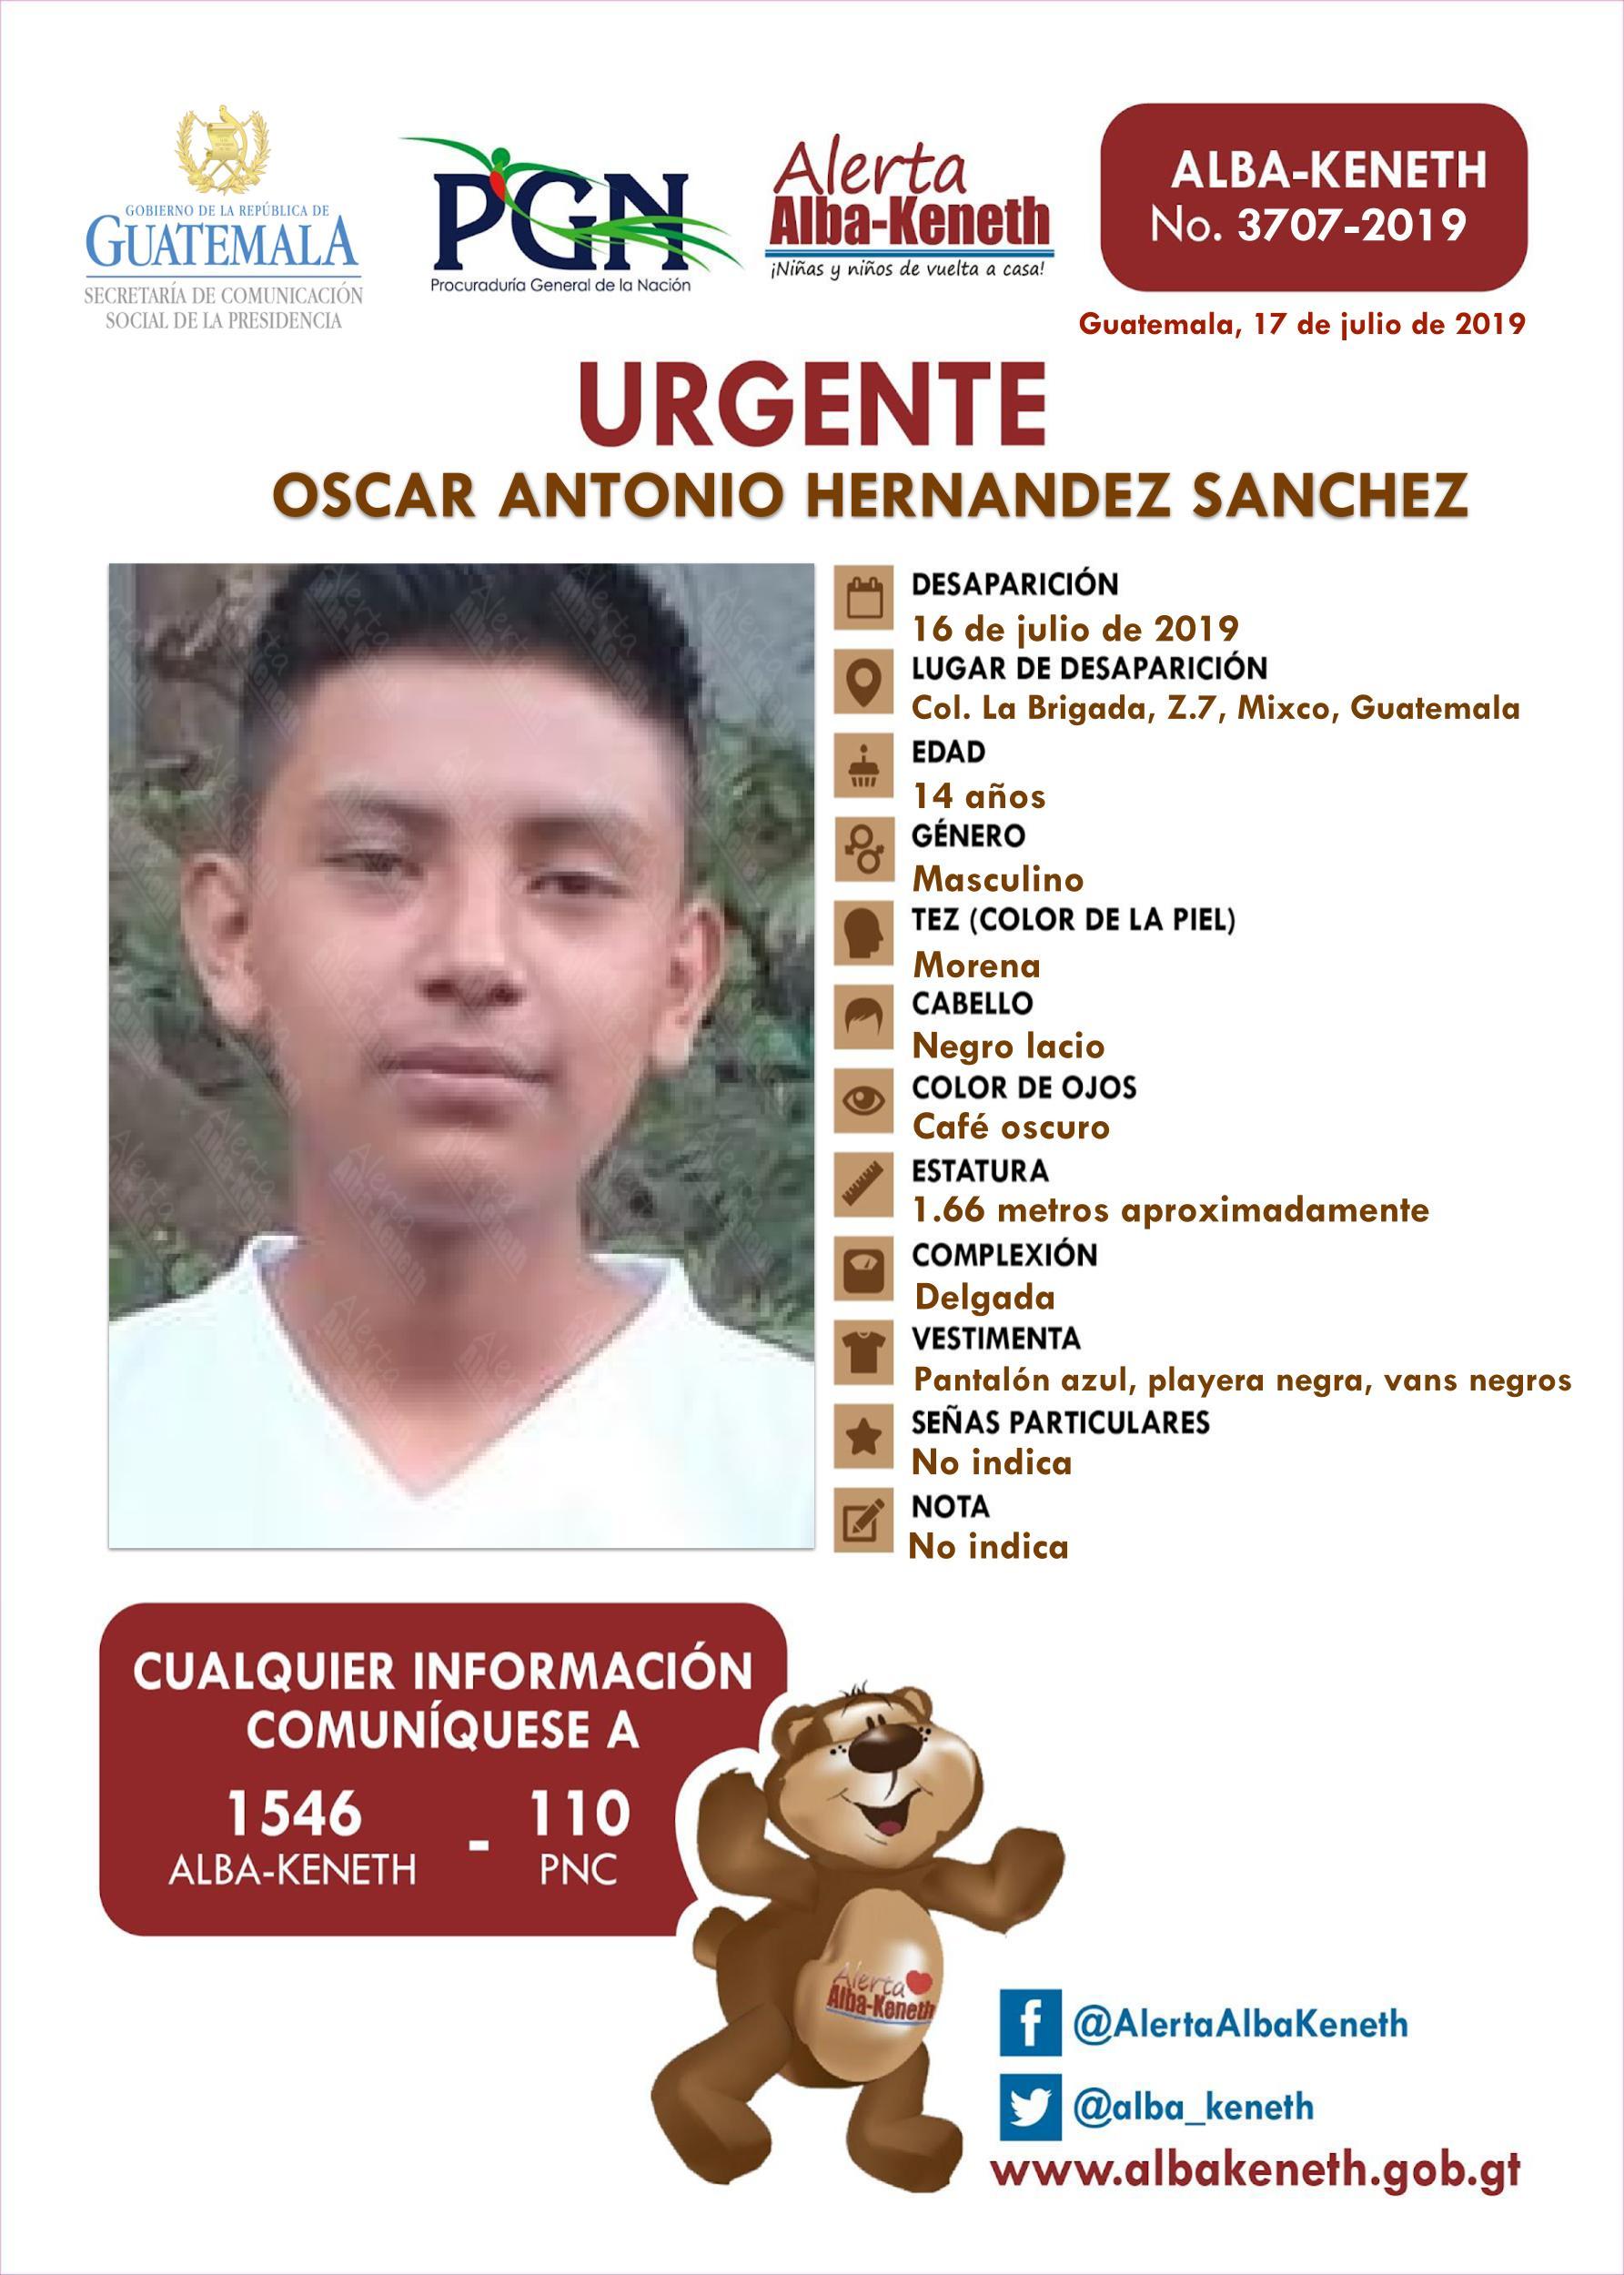 Oscar Antonio Hernandez Sanchez